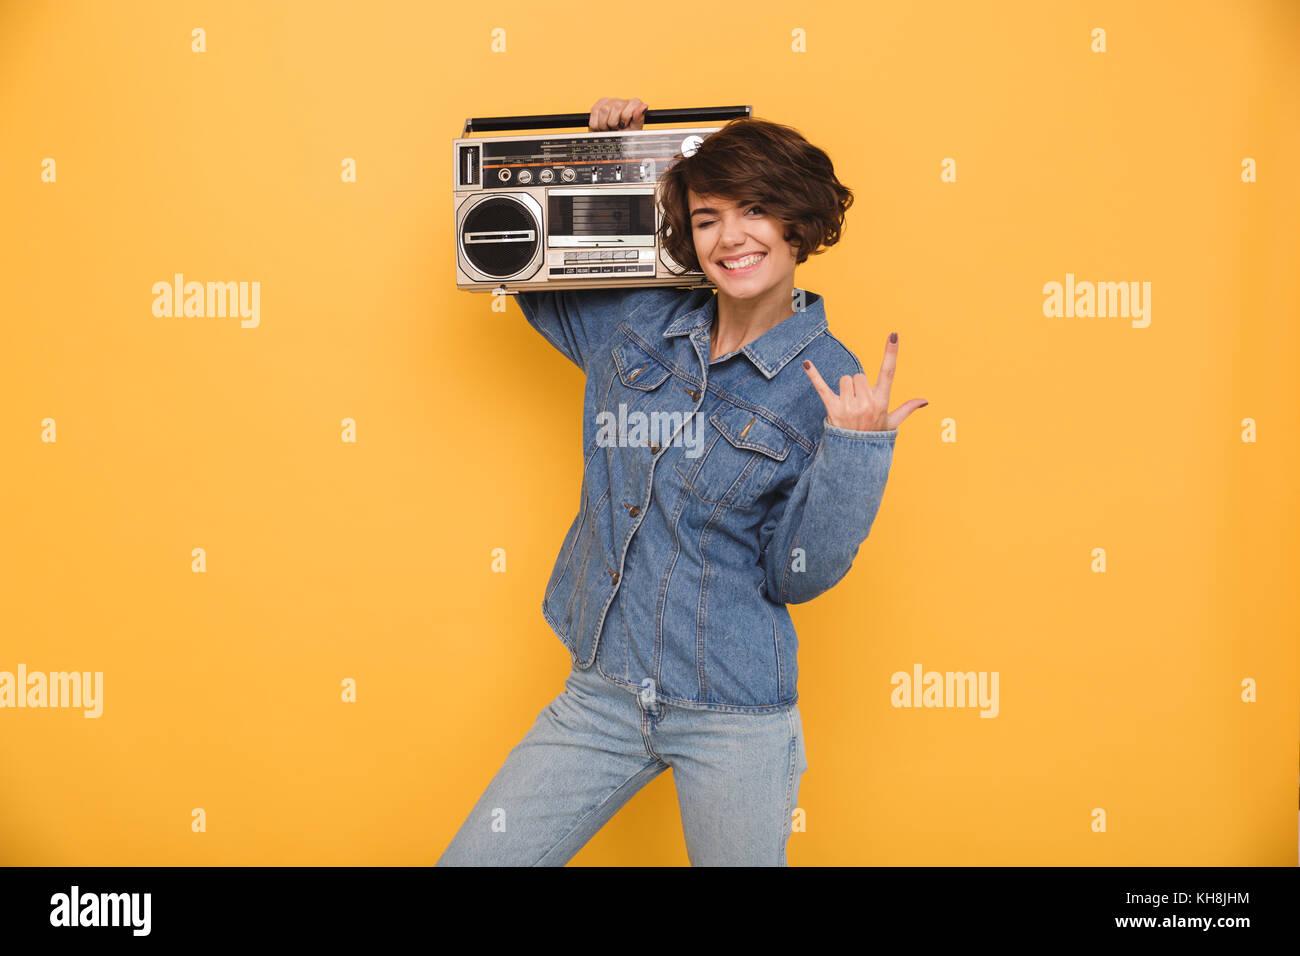 Ritratto di un allegro sorridente ragazza vestita in camicia denim holding  record giocatore sulla sua spalla 56fc14a835fa